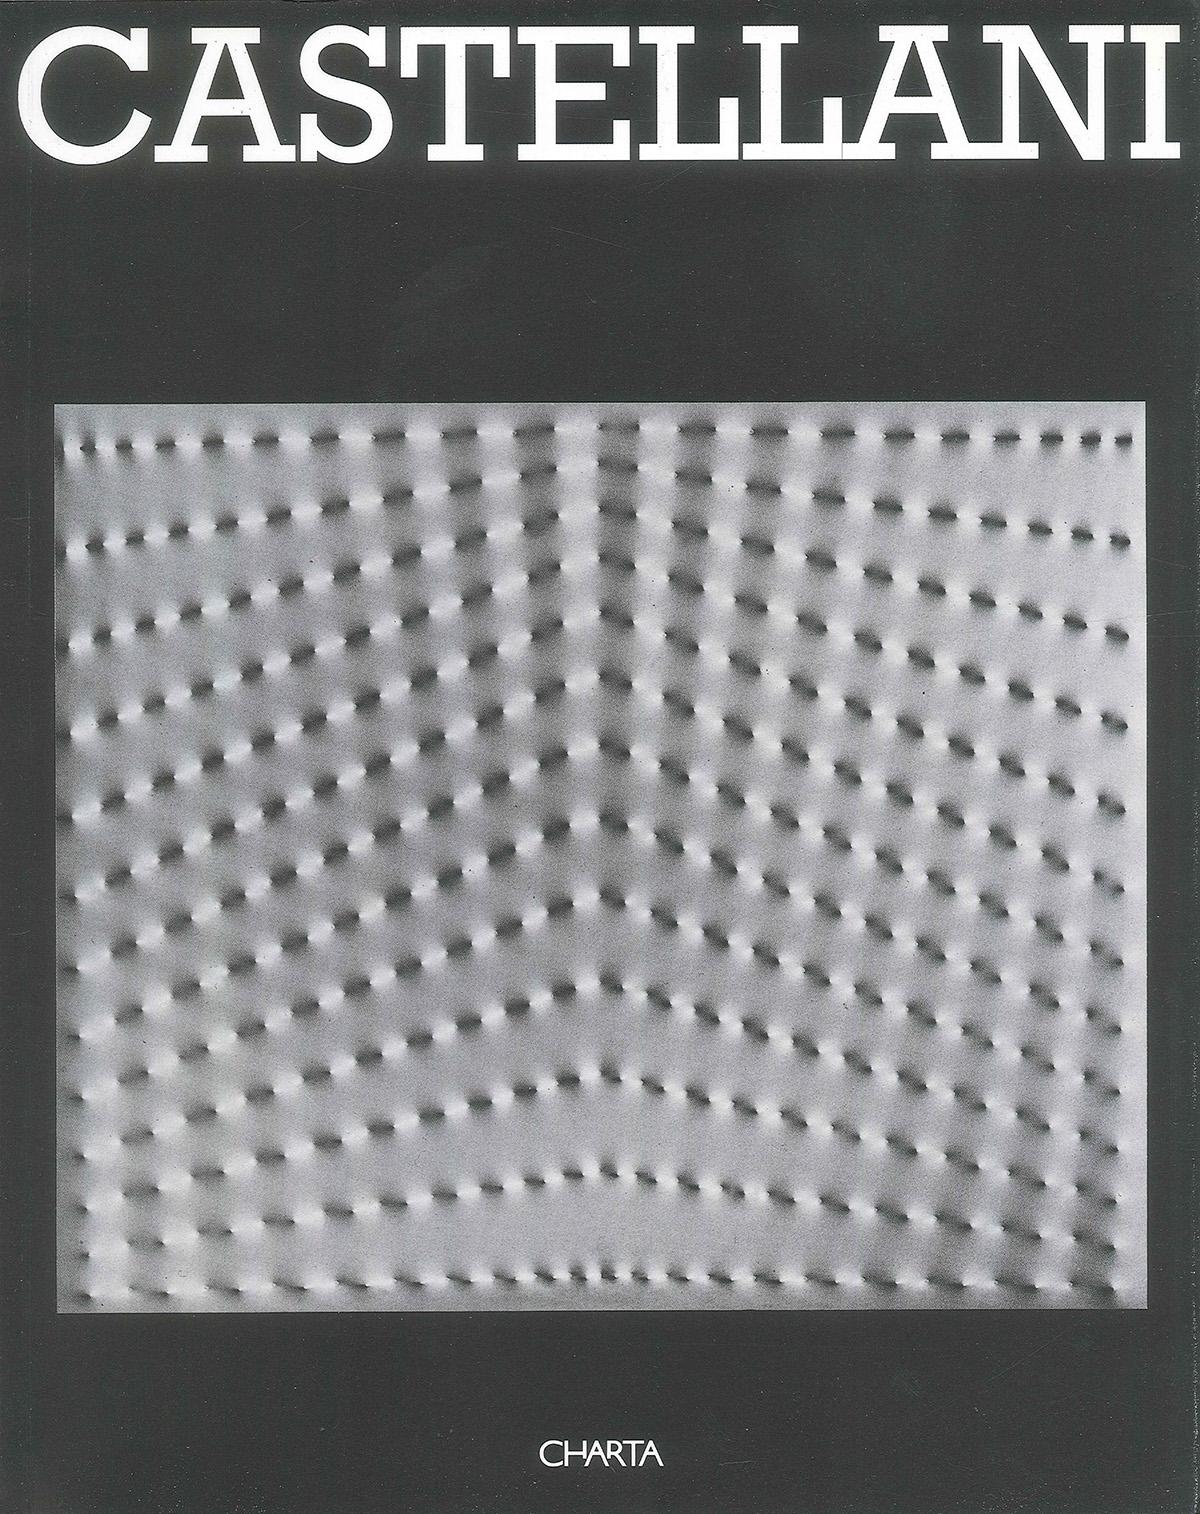 Cover - Castellani, Bruno Corà, 1996, Palazzo Fabroni, Charta Edizioni, Pistoia, Charta Edizioni